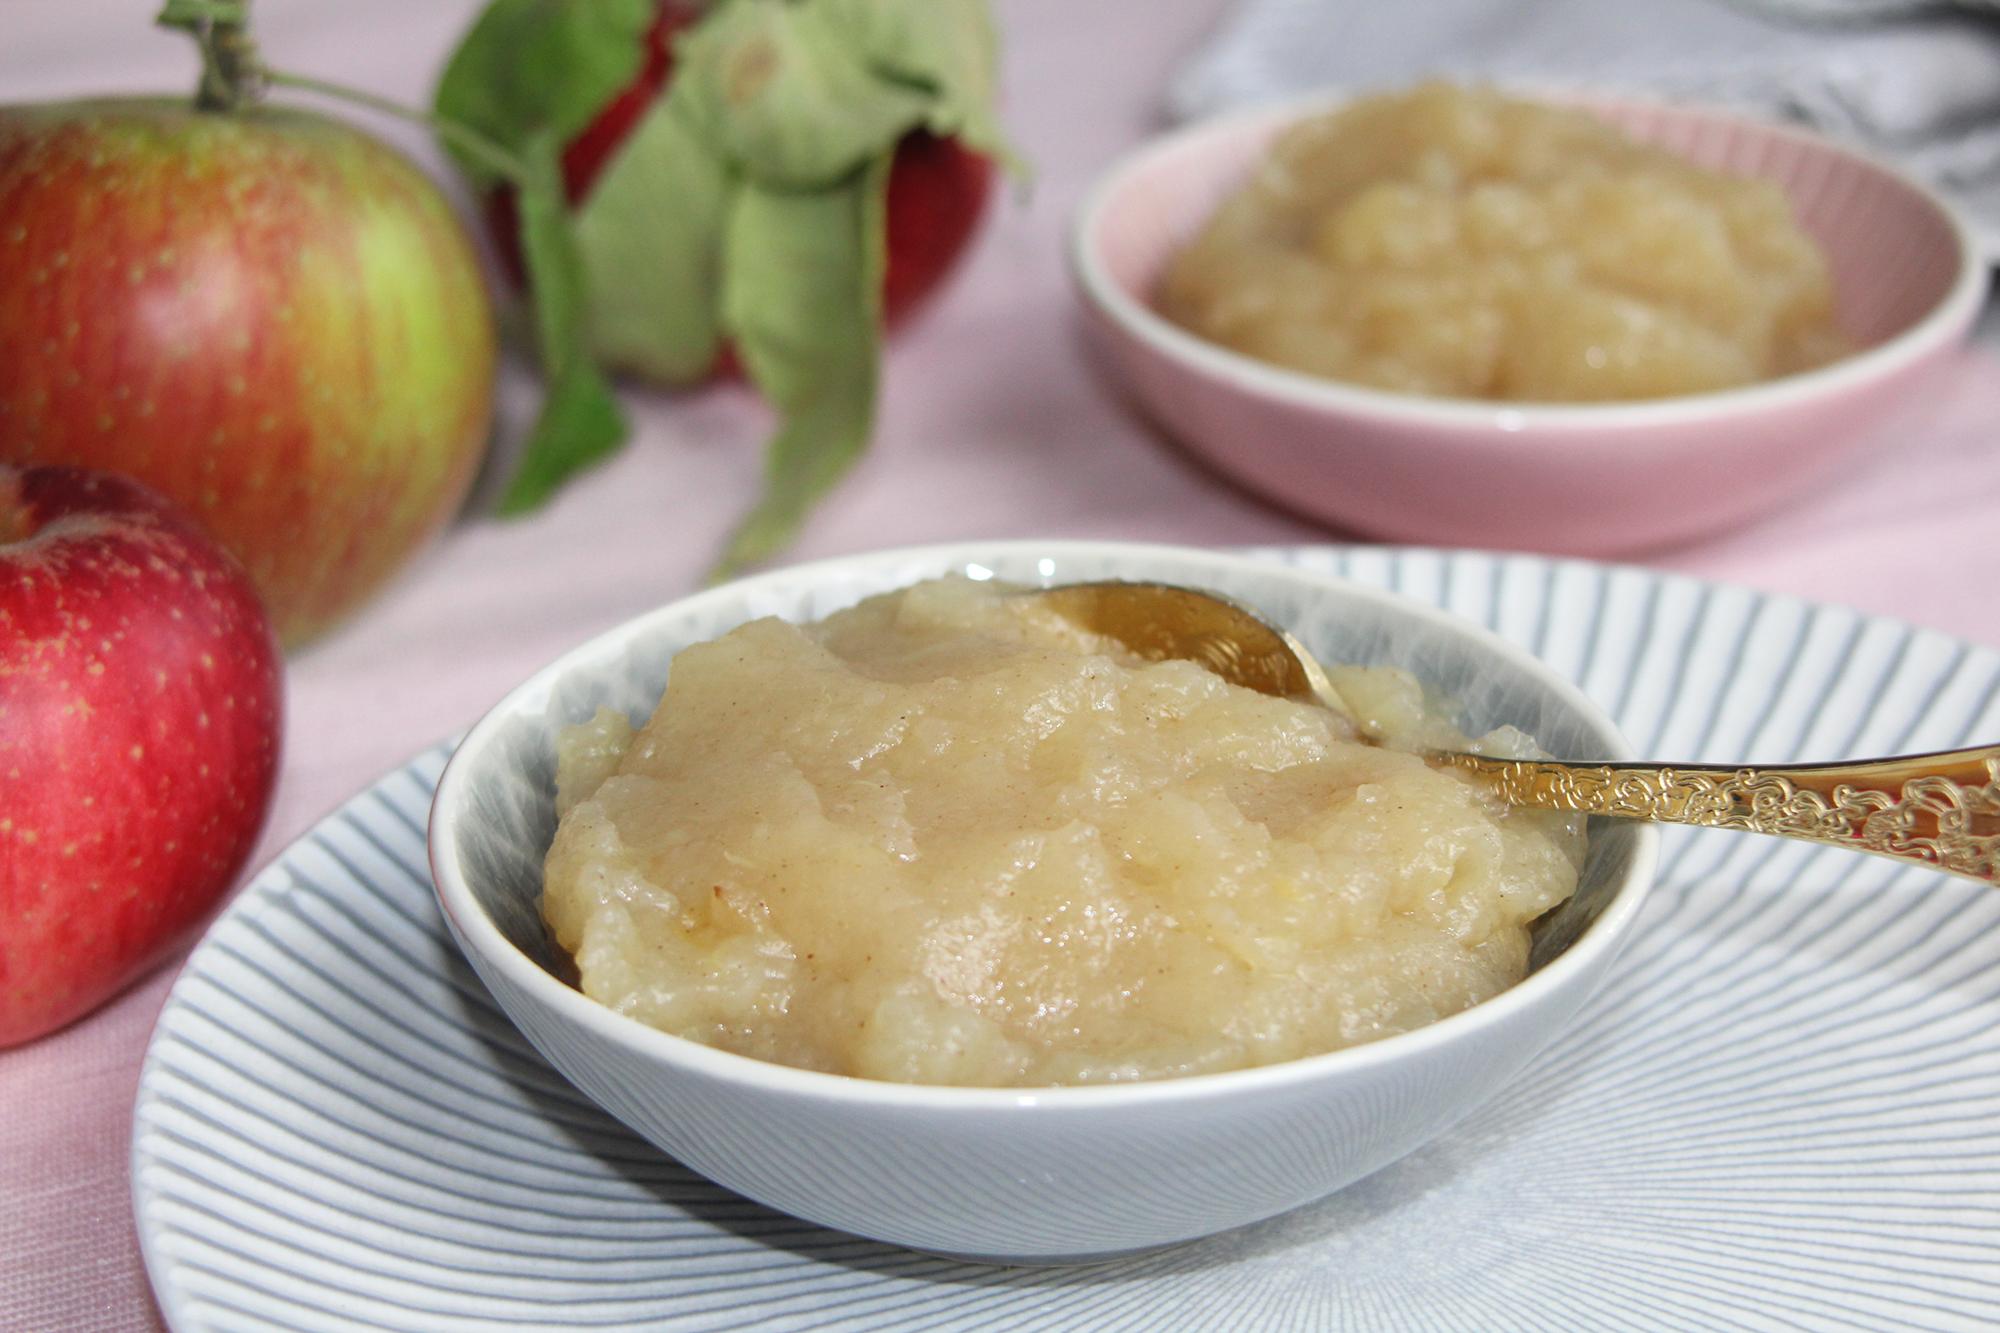 Selbstgemachtes Apfelmus ohne Zucker – Schnell und einfach zubereitet